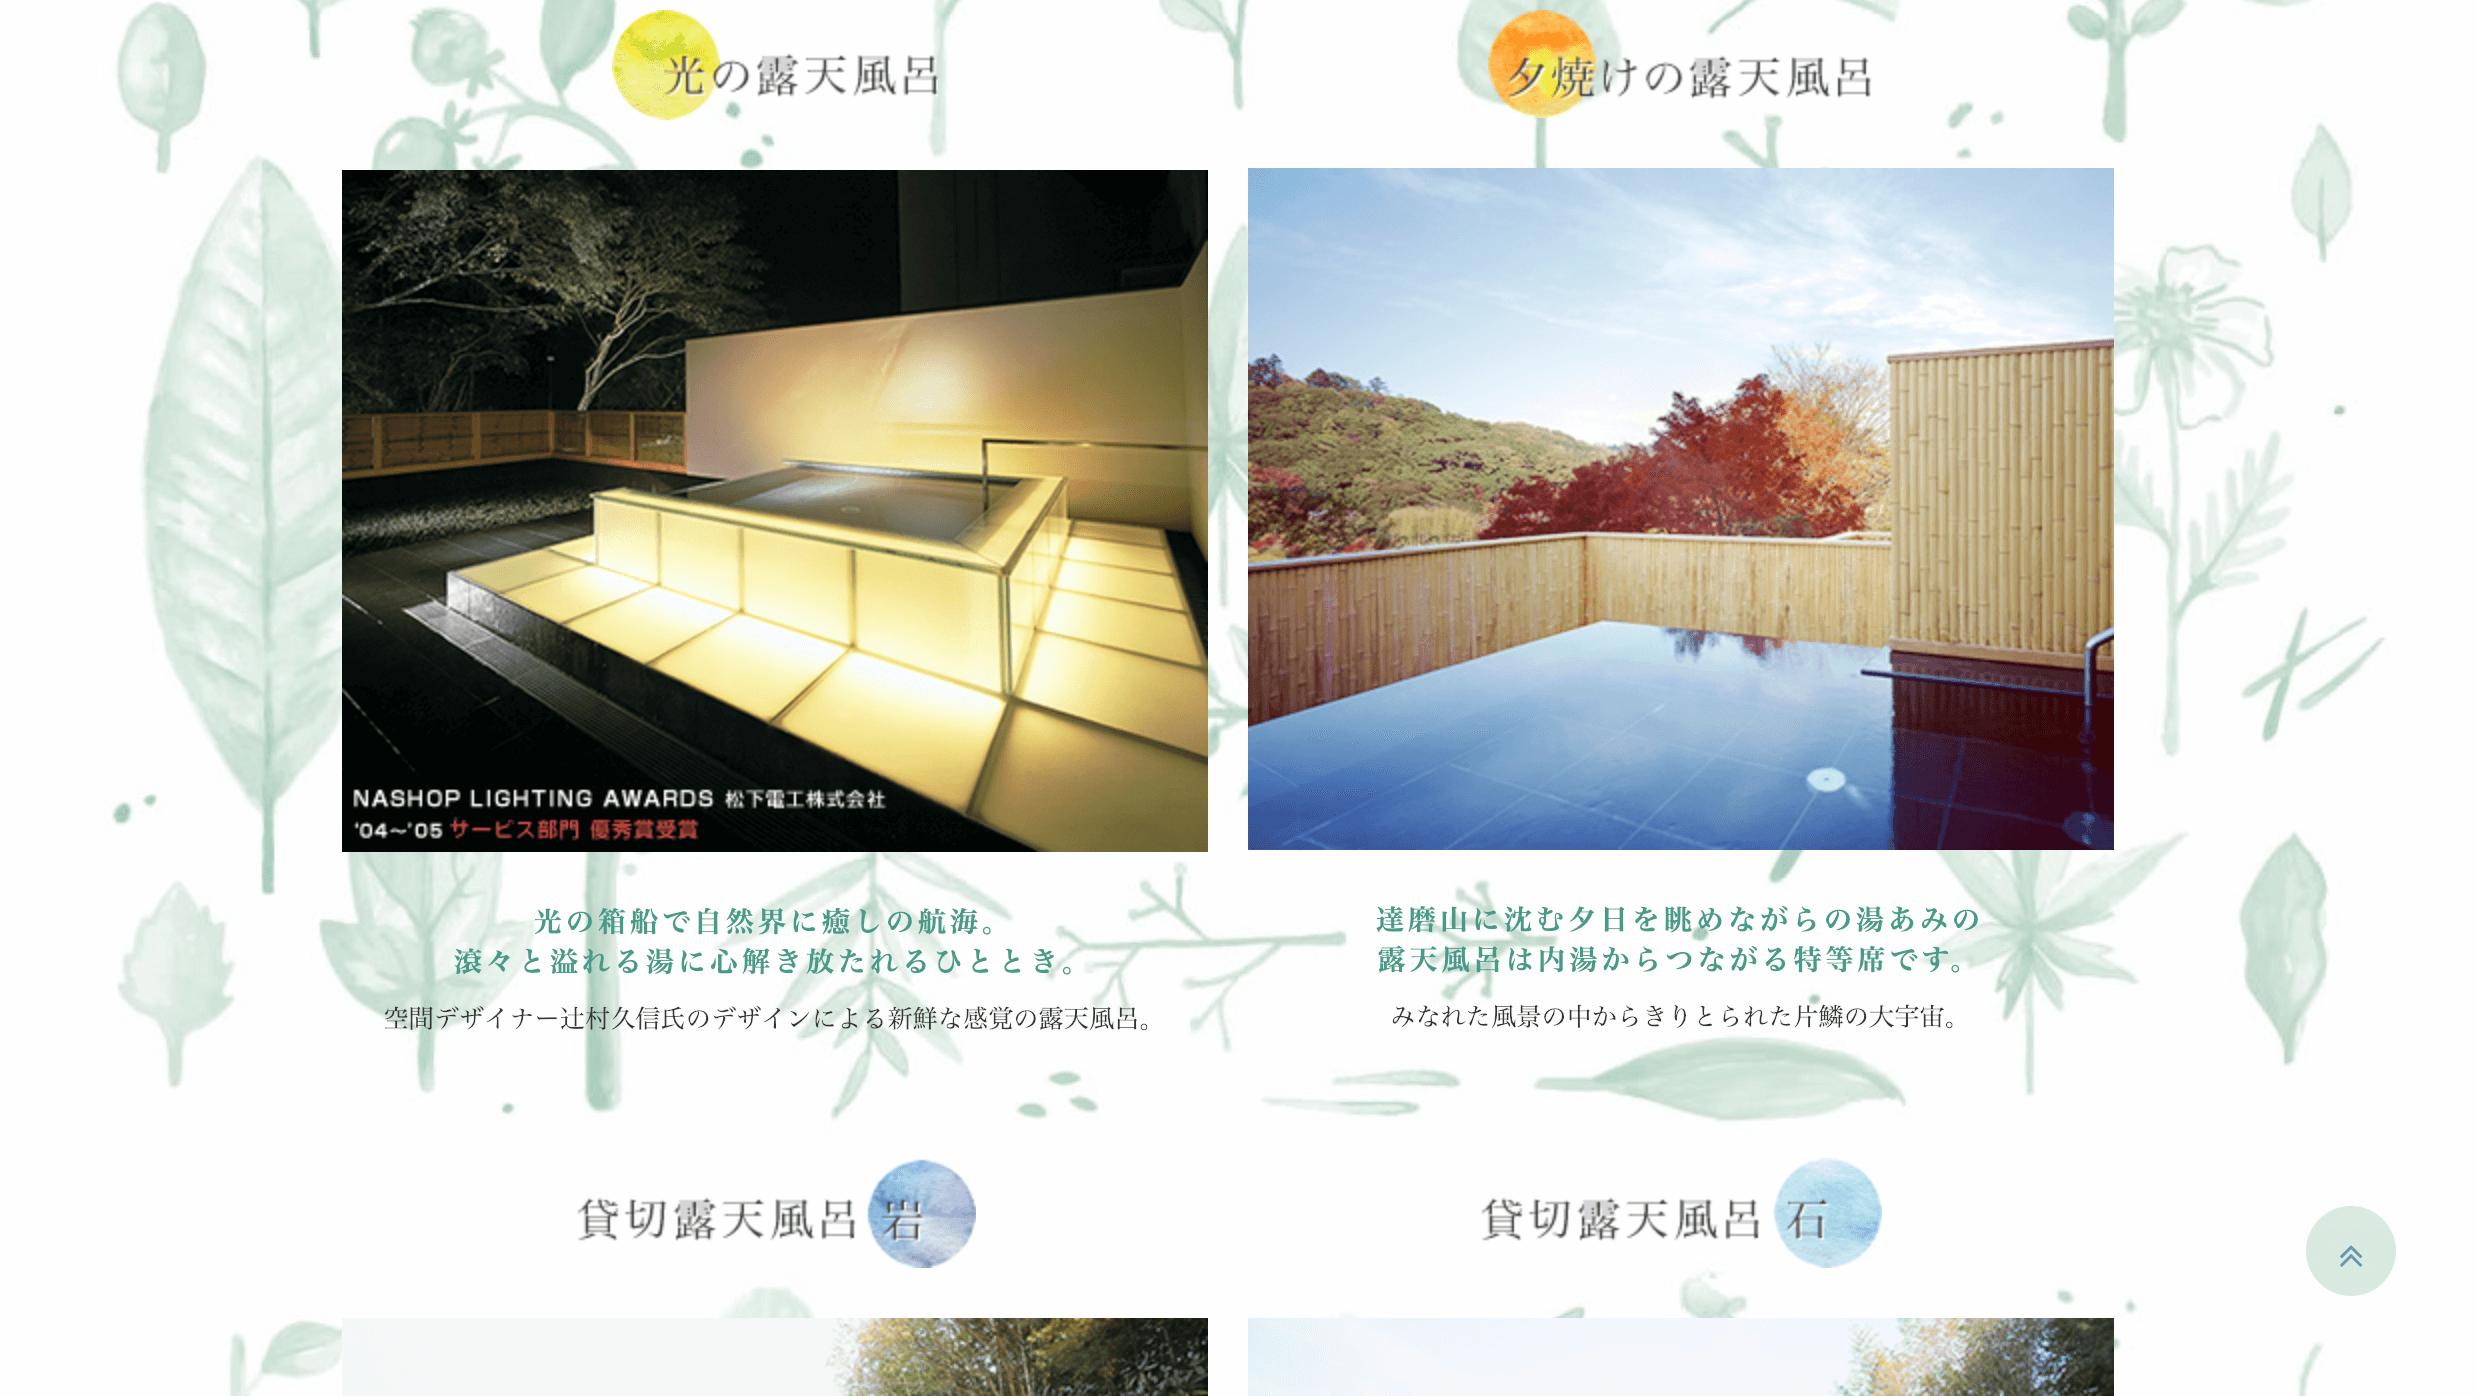 東府やResrots&Spa-Izuの温泉